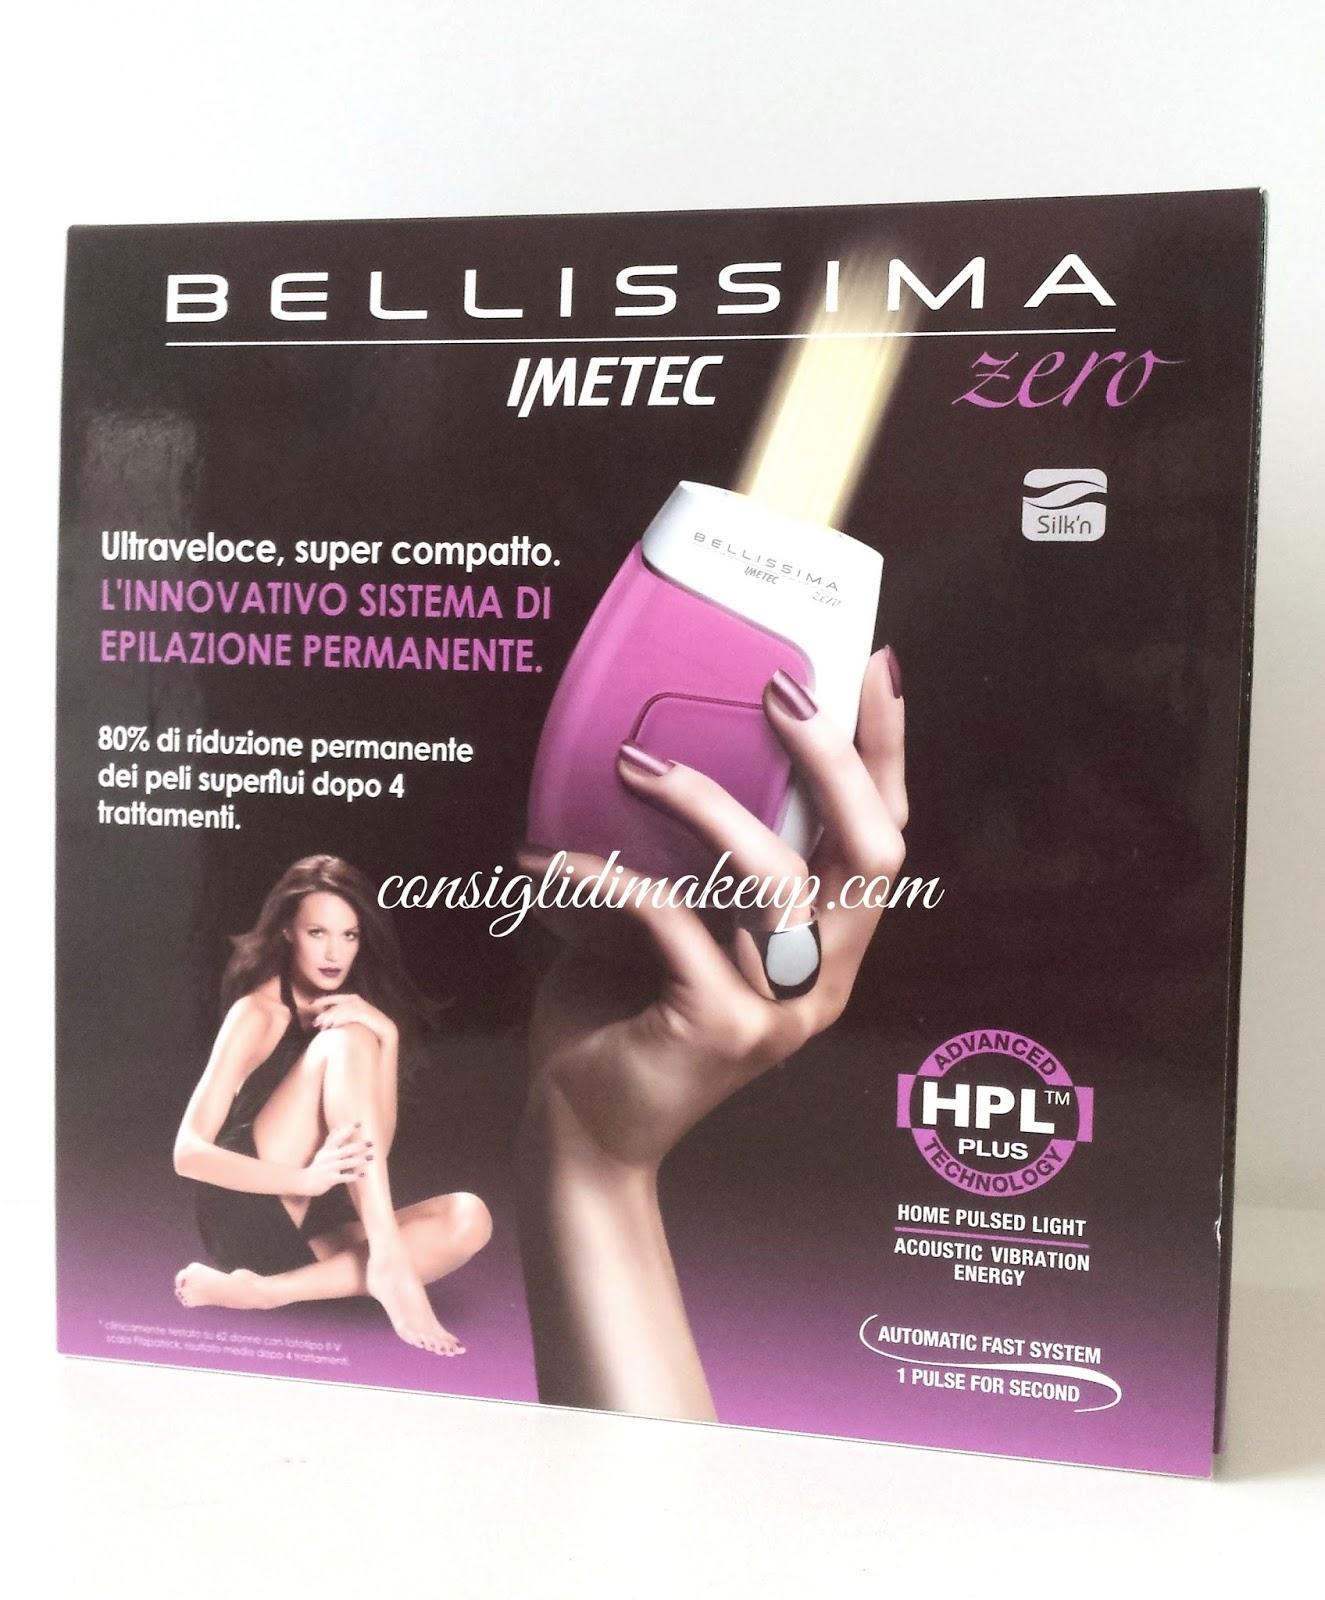 Bellissima Zero - Imetec: la luce pulsata a casa